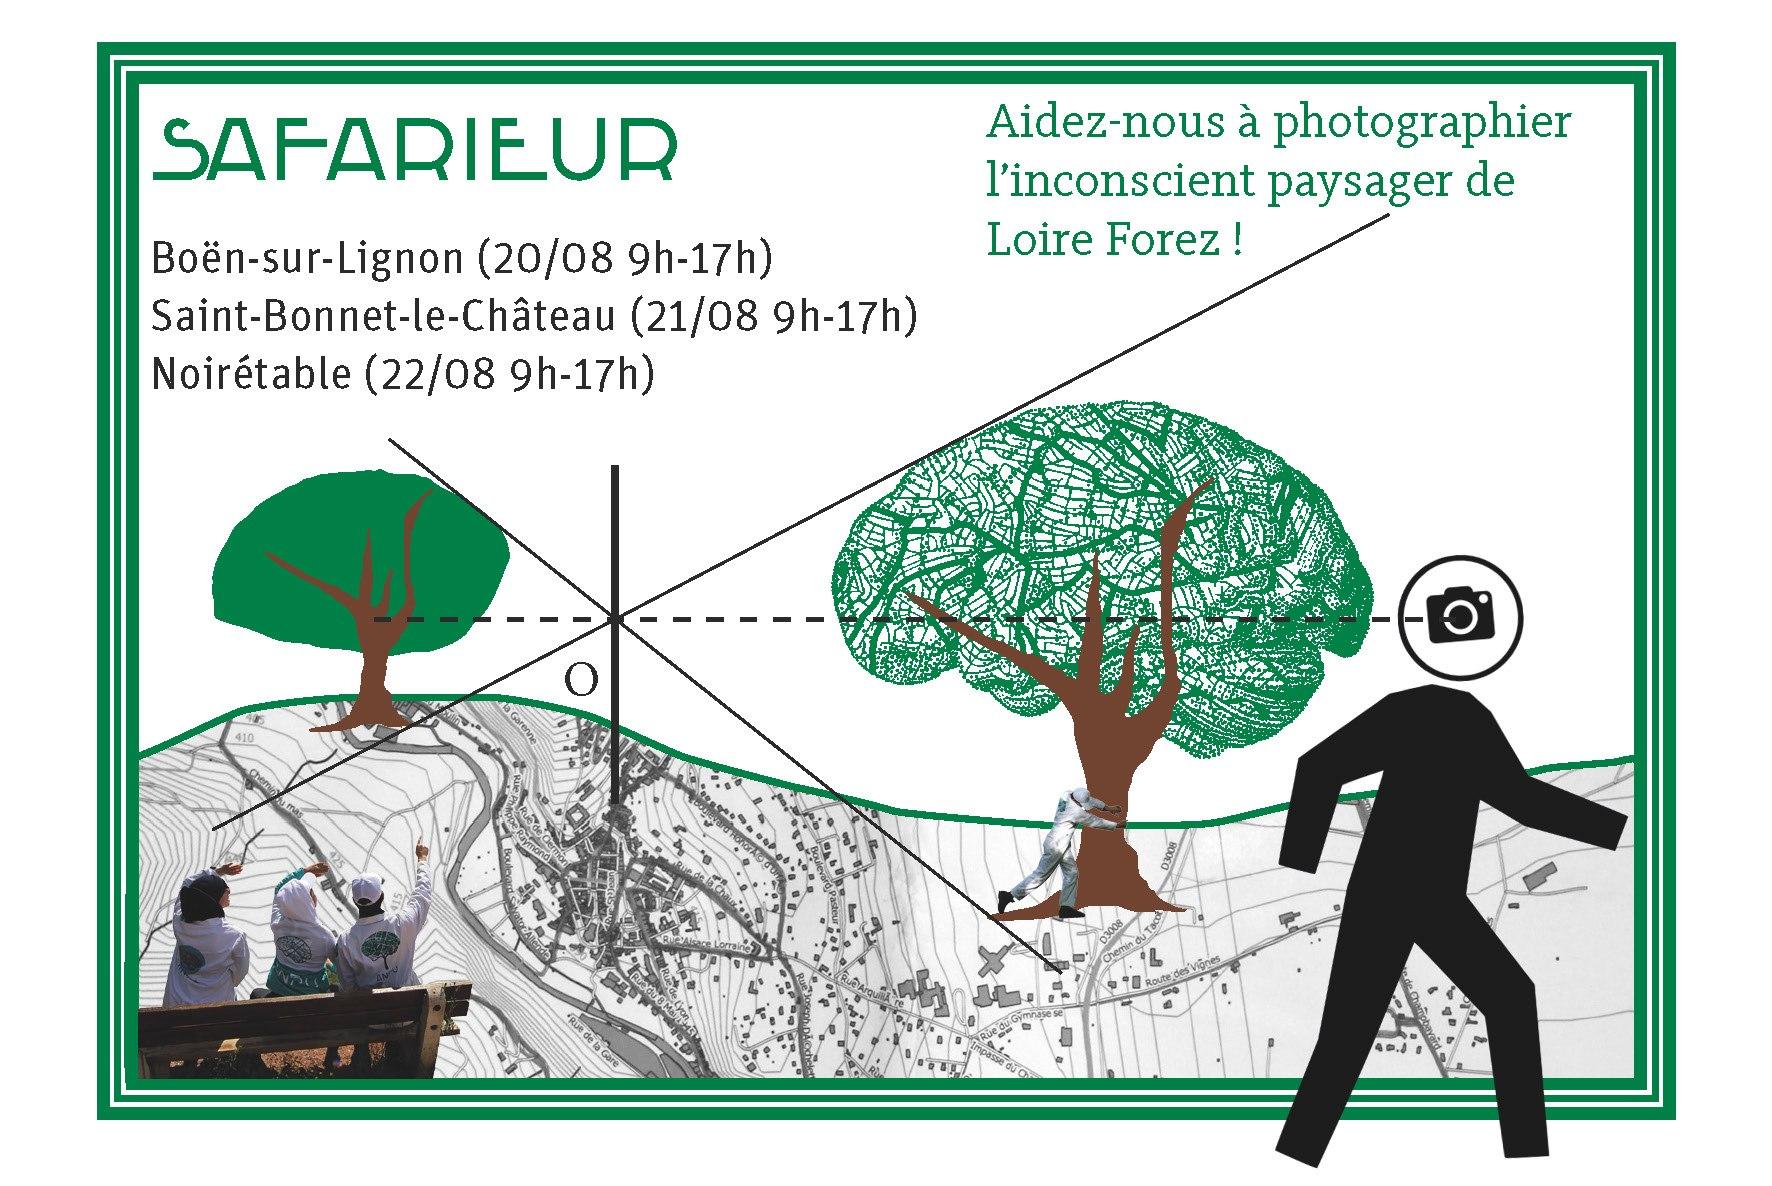 """Des """"safarieurs"""" pour photographier en randonnant"""